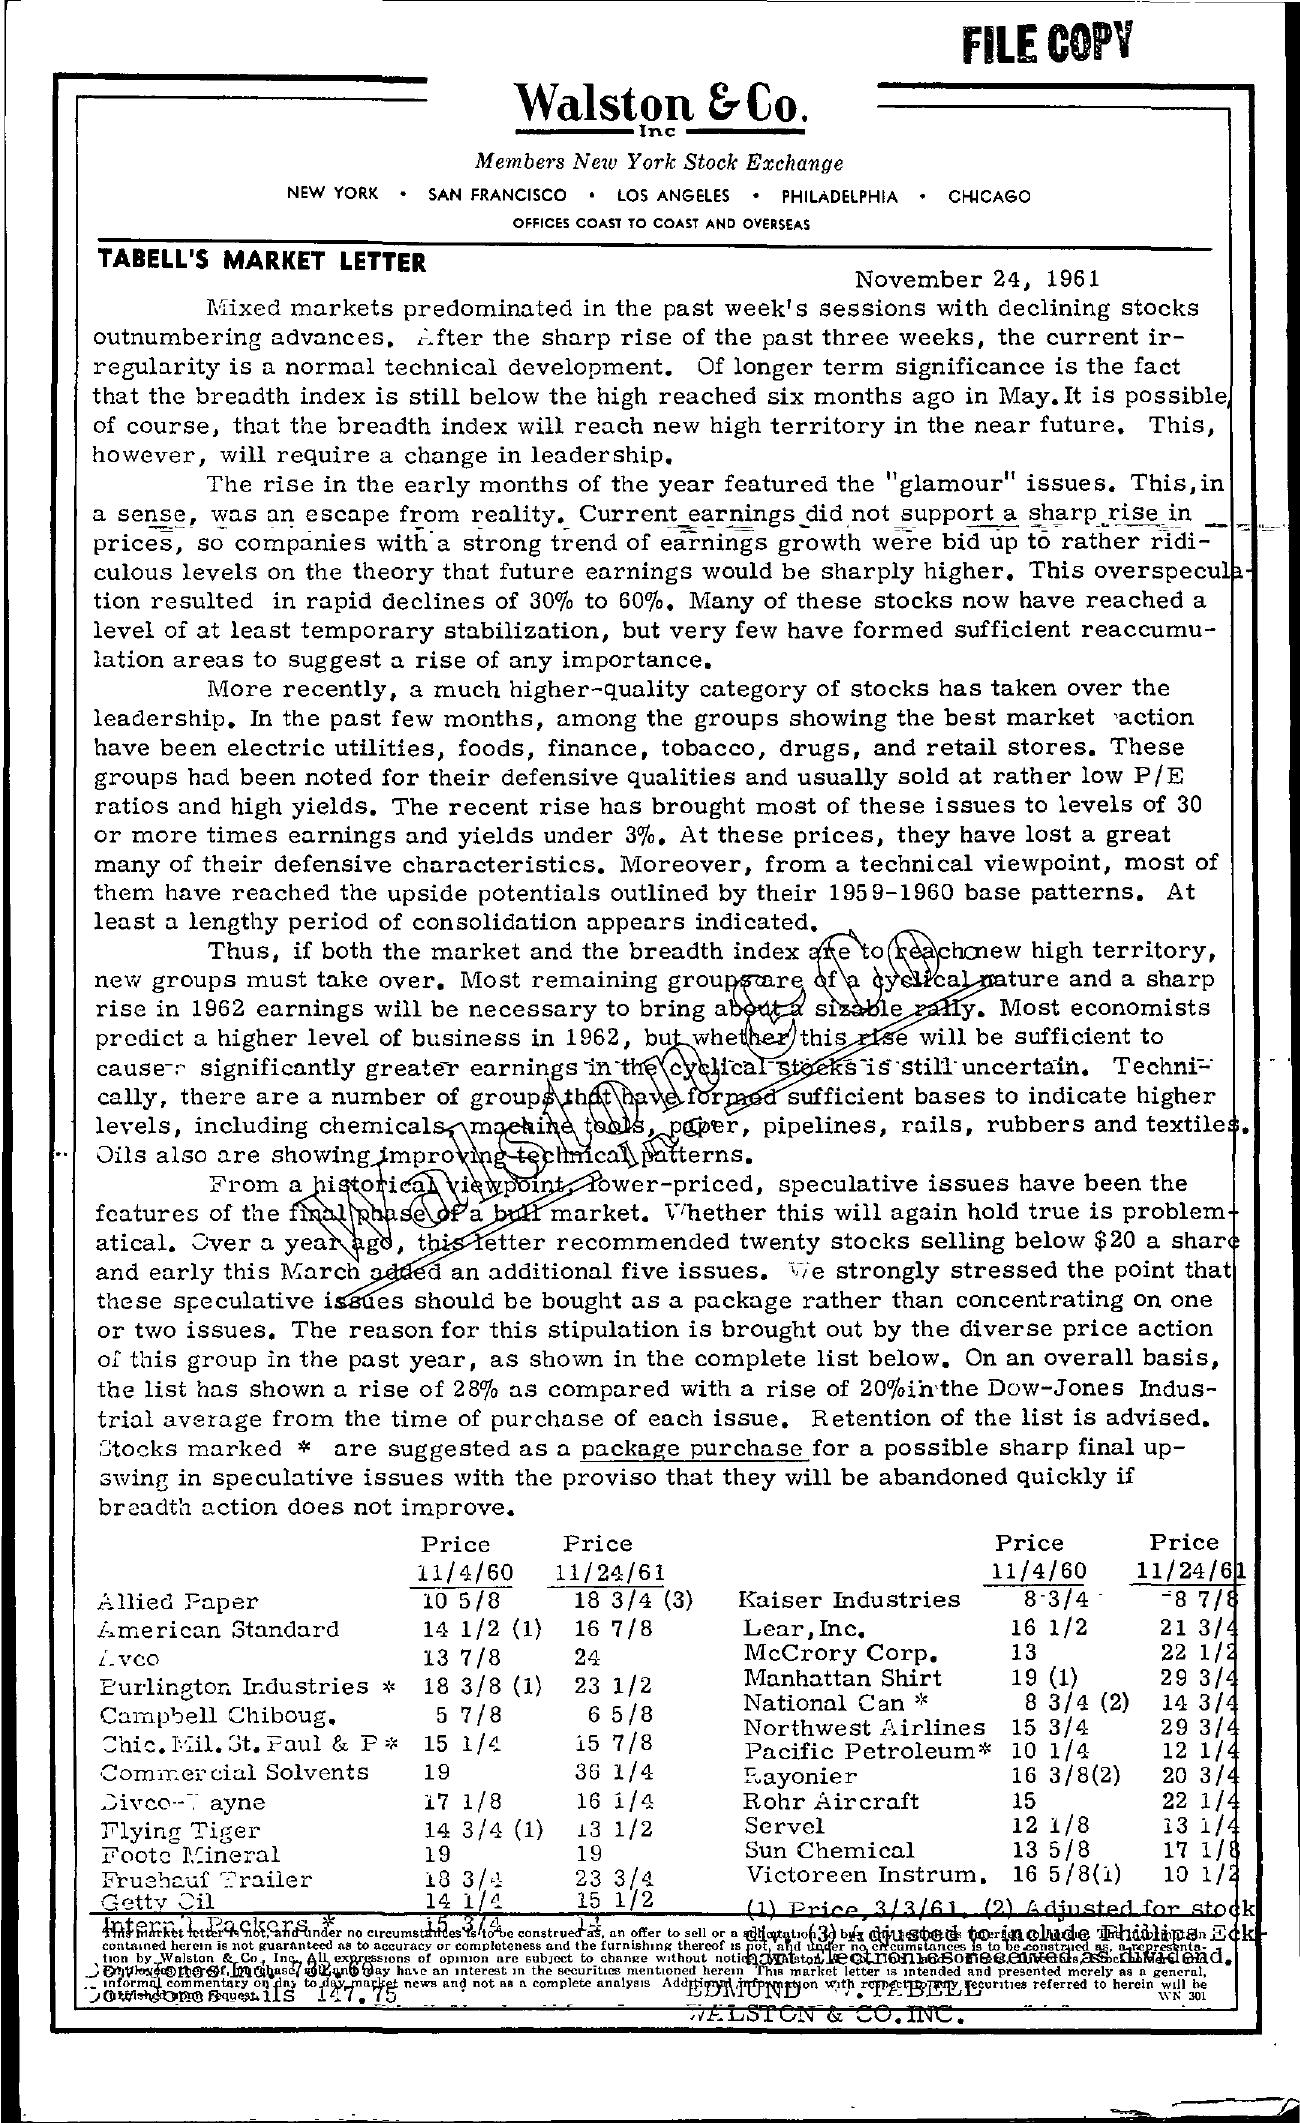 Tabell's Market Letter - November 24, 1961